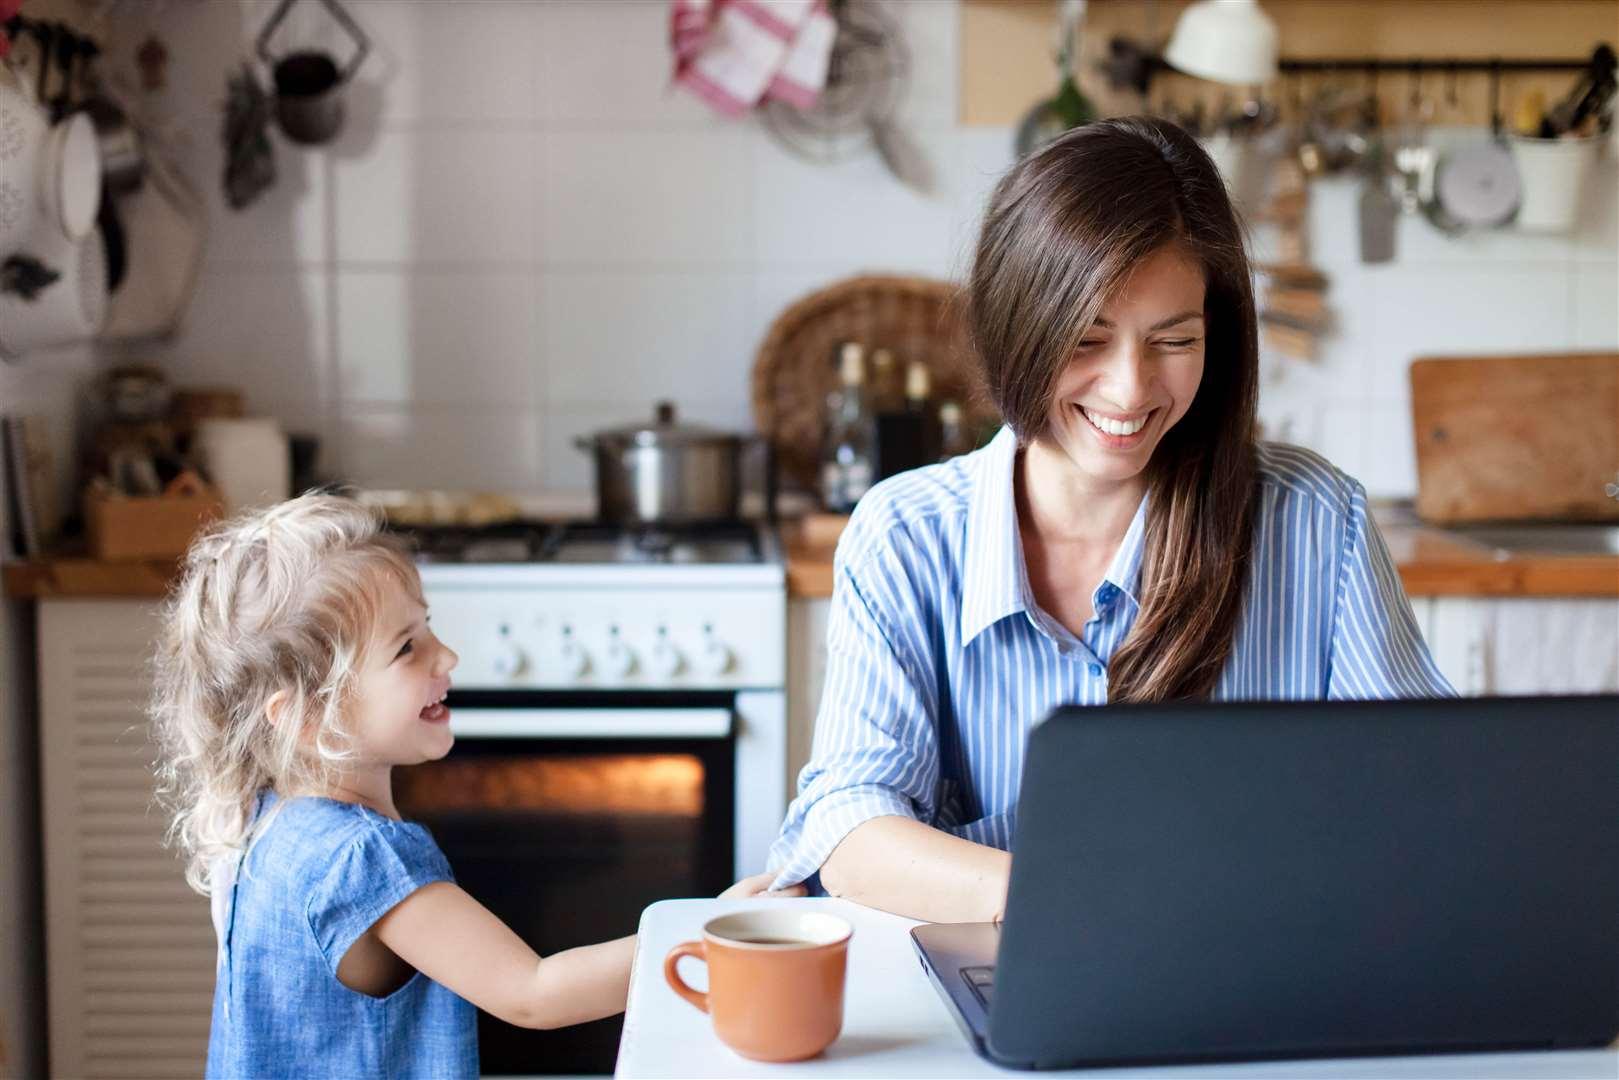 7 cách để làm việc tại nhà hiệu quả khi virus corona bùng phát - 04